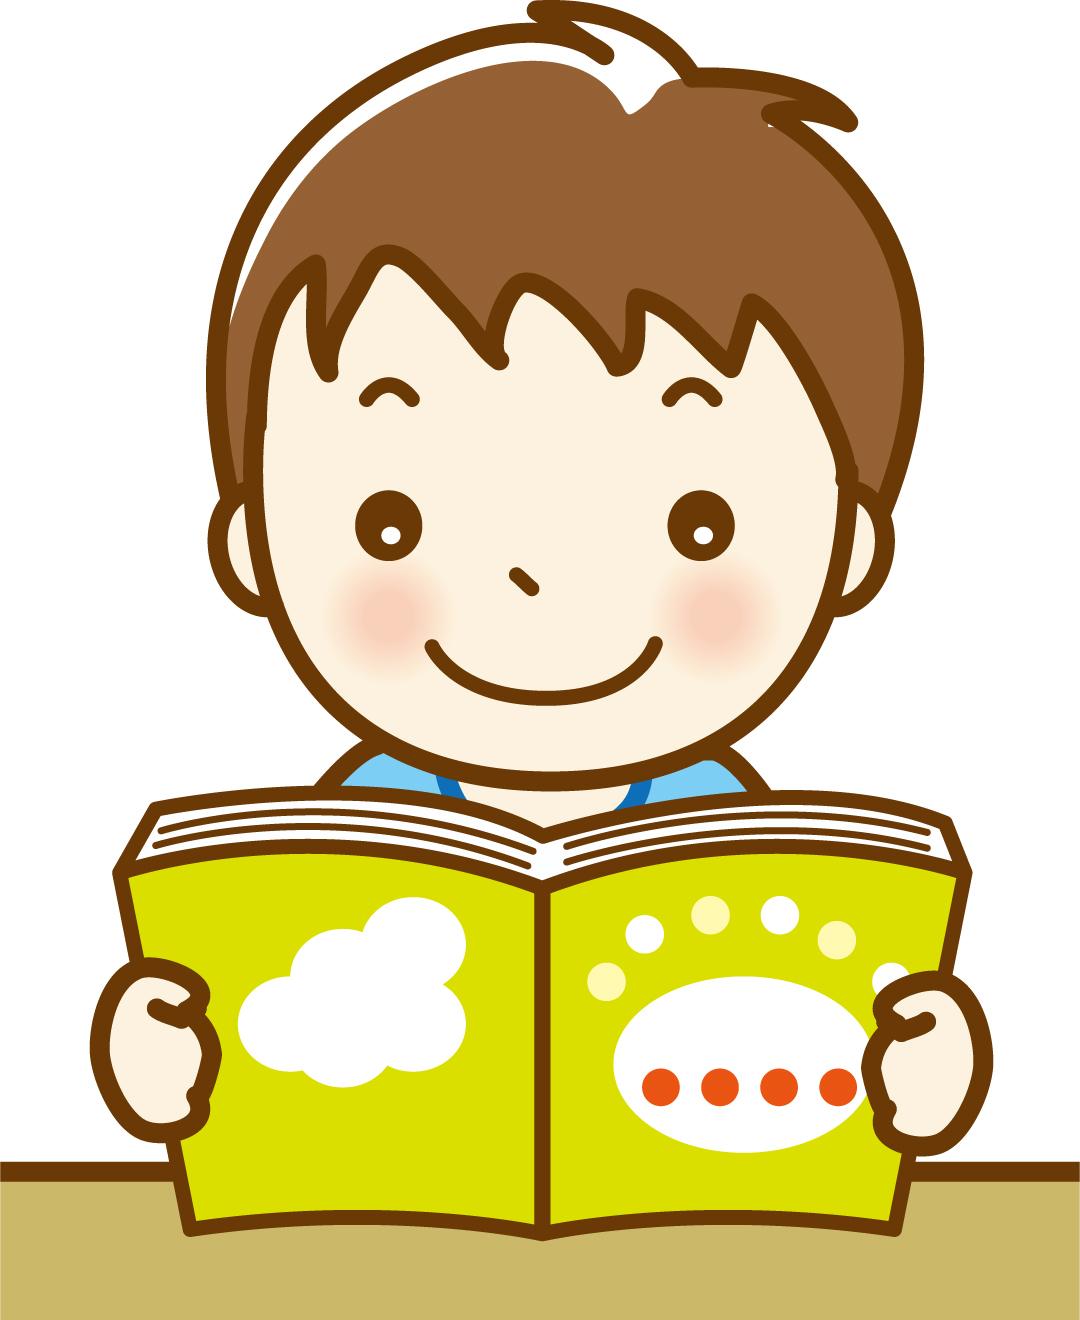 自閉症の息子は読書が苦手。そのために行なった対策を紹介